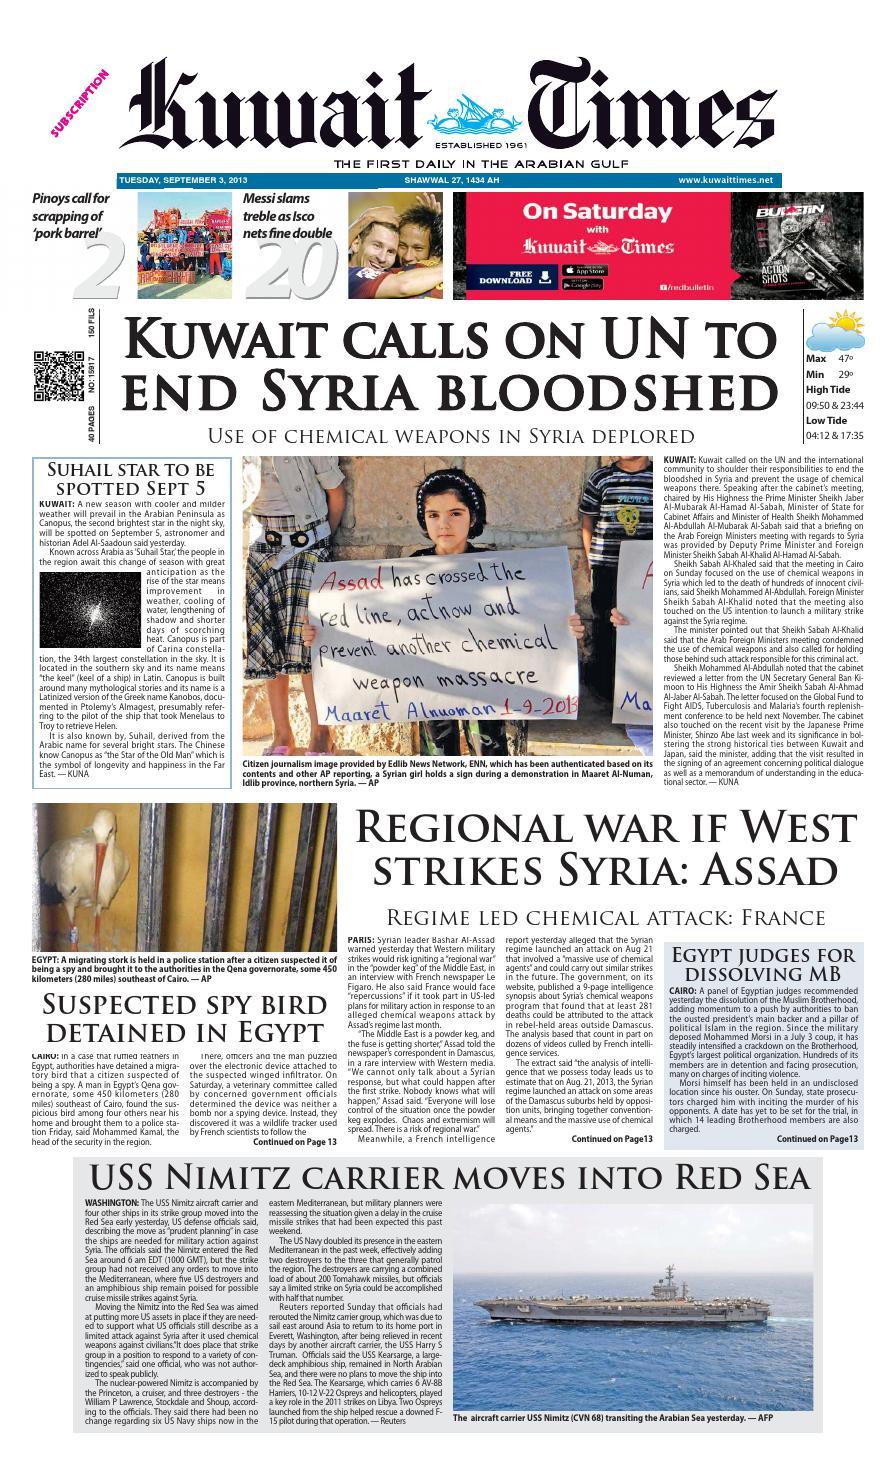 3 Sep 2013 by Kuwait Times - issuu a452d4e328e15